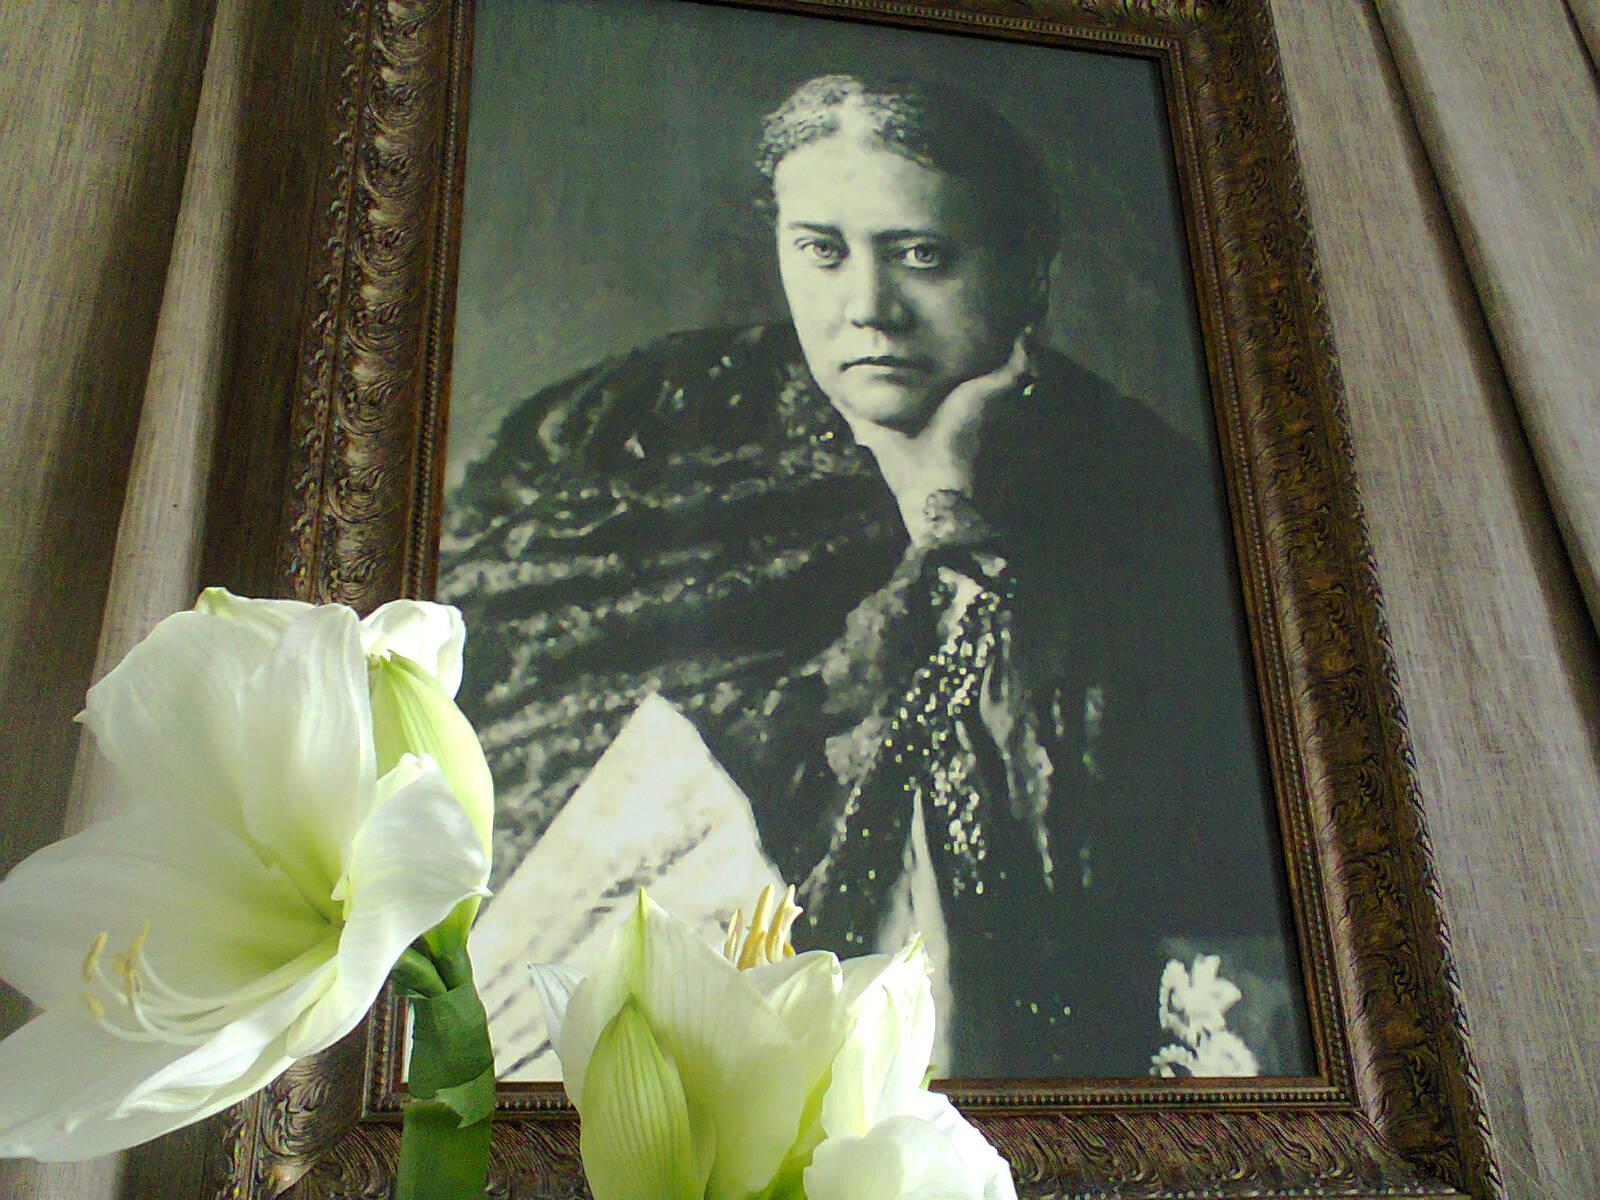 """8 мая - день """"Белого лотоса"""", день памяти Е.П. Блаватской RtFIdOQ15VQ"""